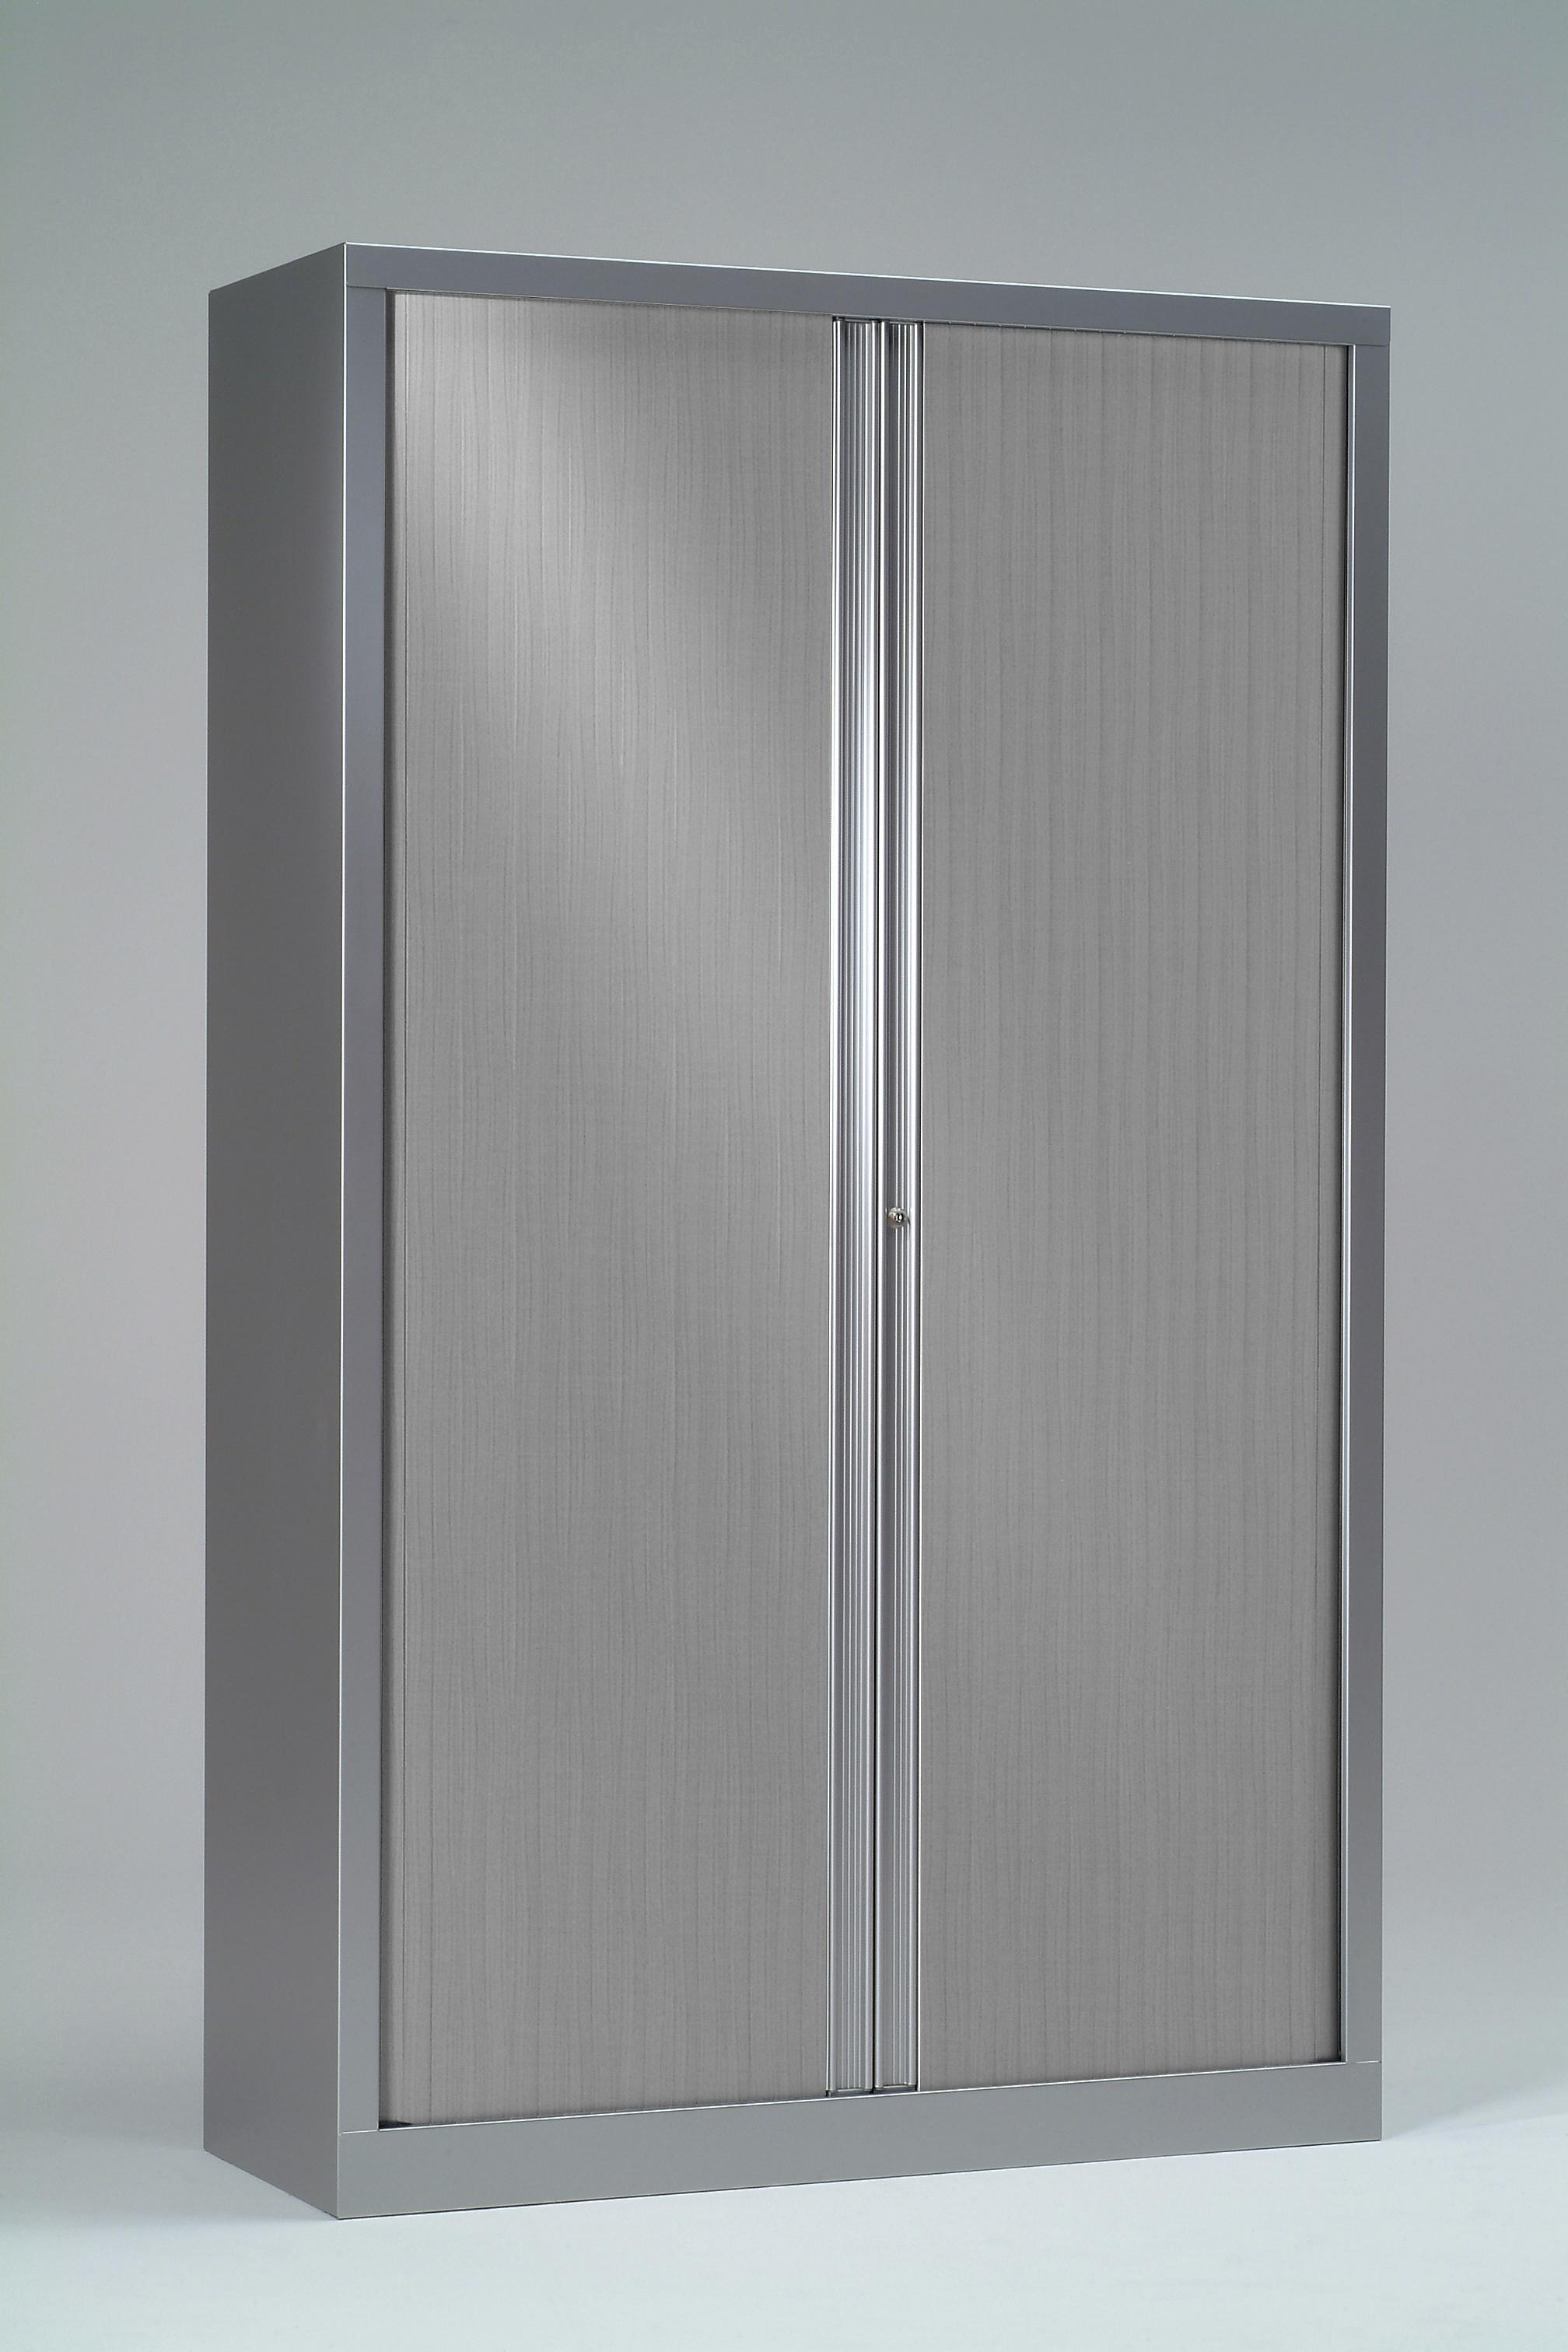 vestiaire metallique ugap